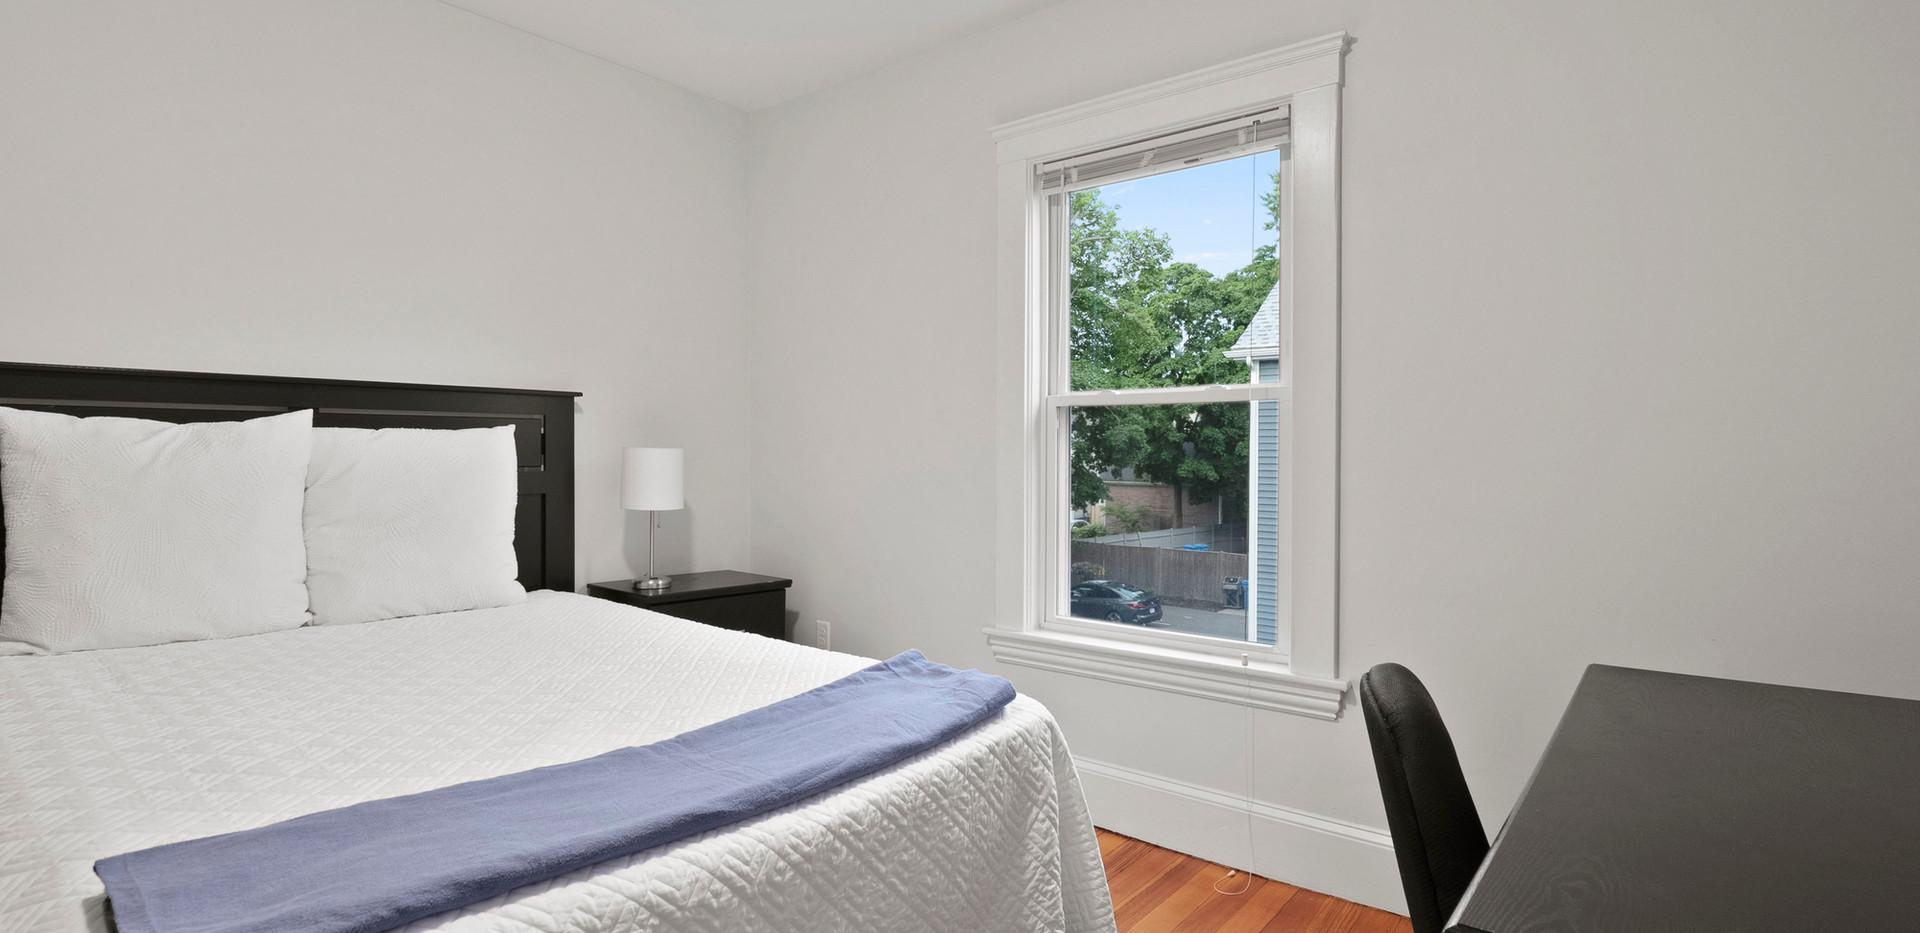 23_Washington_2_Bedroom_B_Photo1.JPG